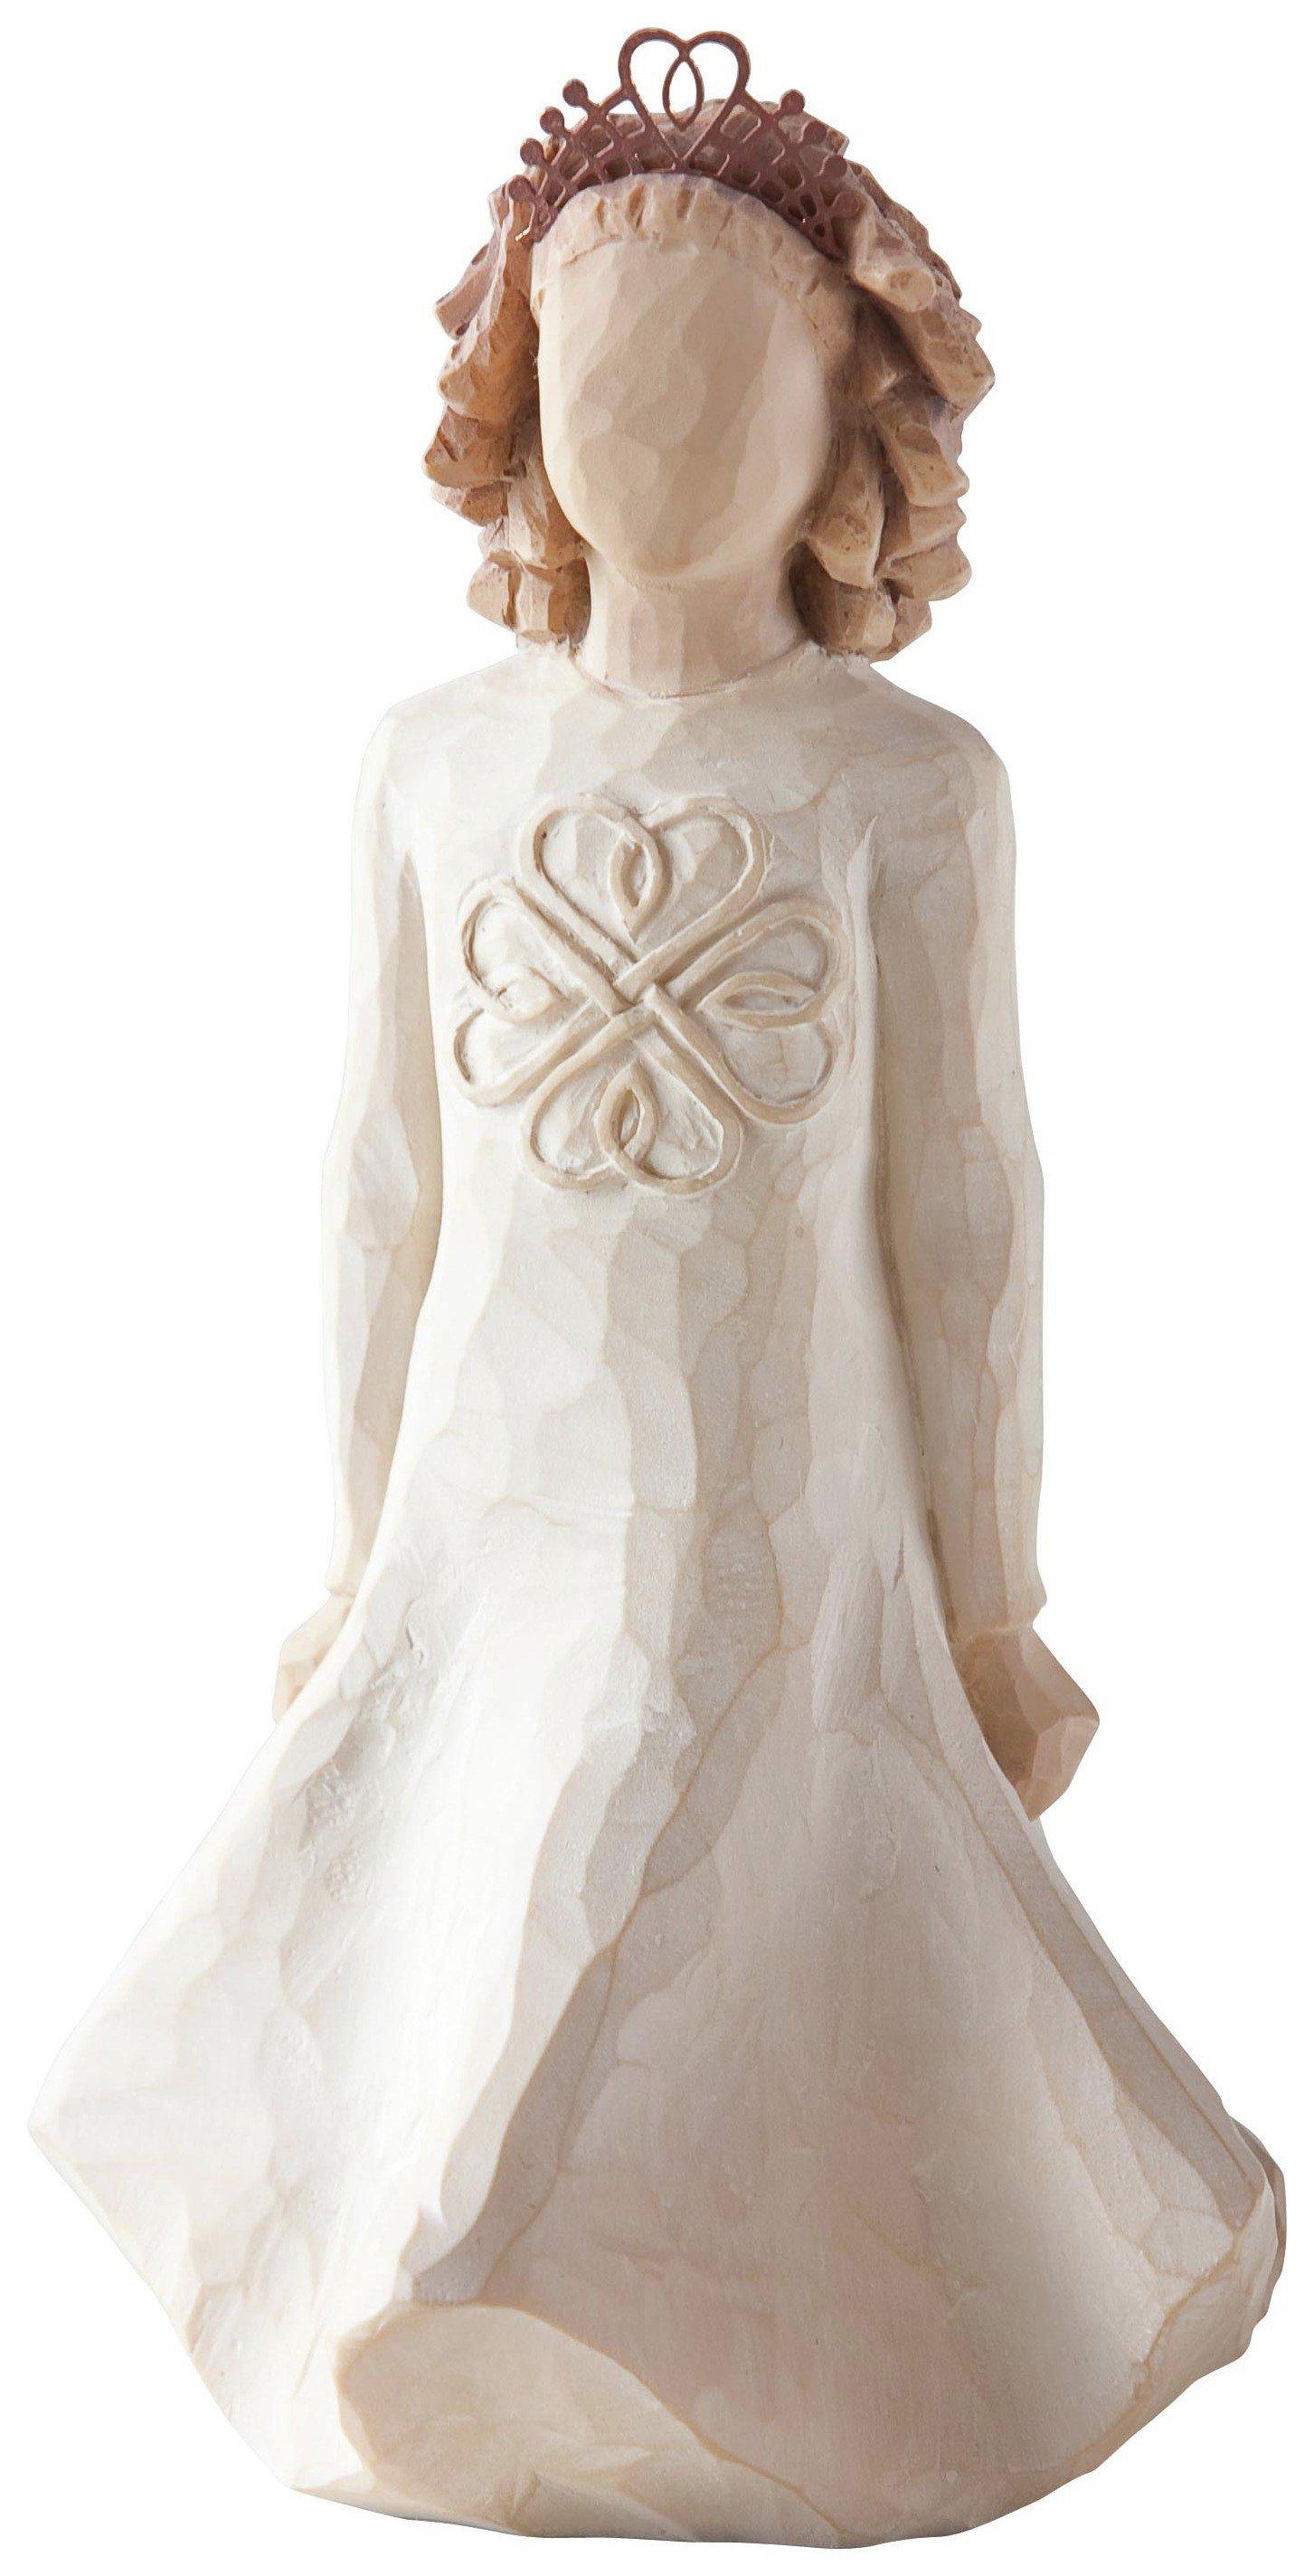 Willow Tree Irish Charm Figurine.